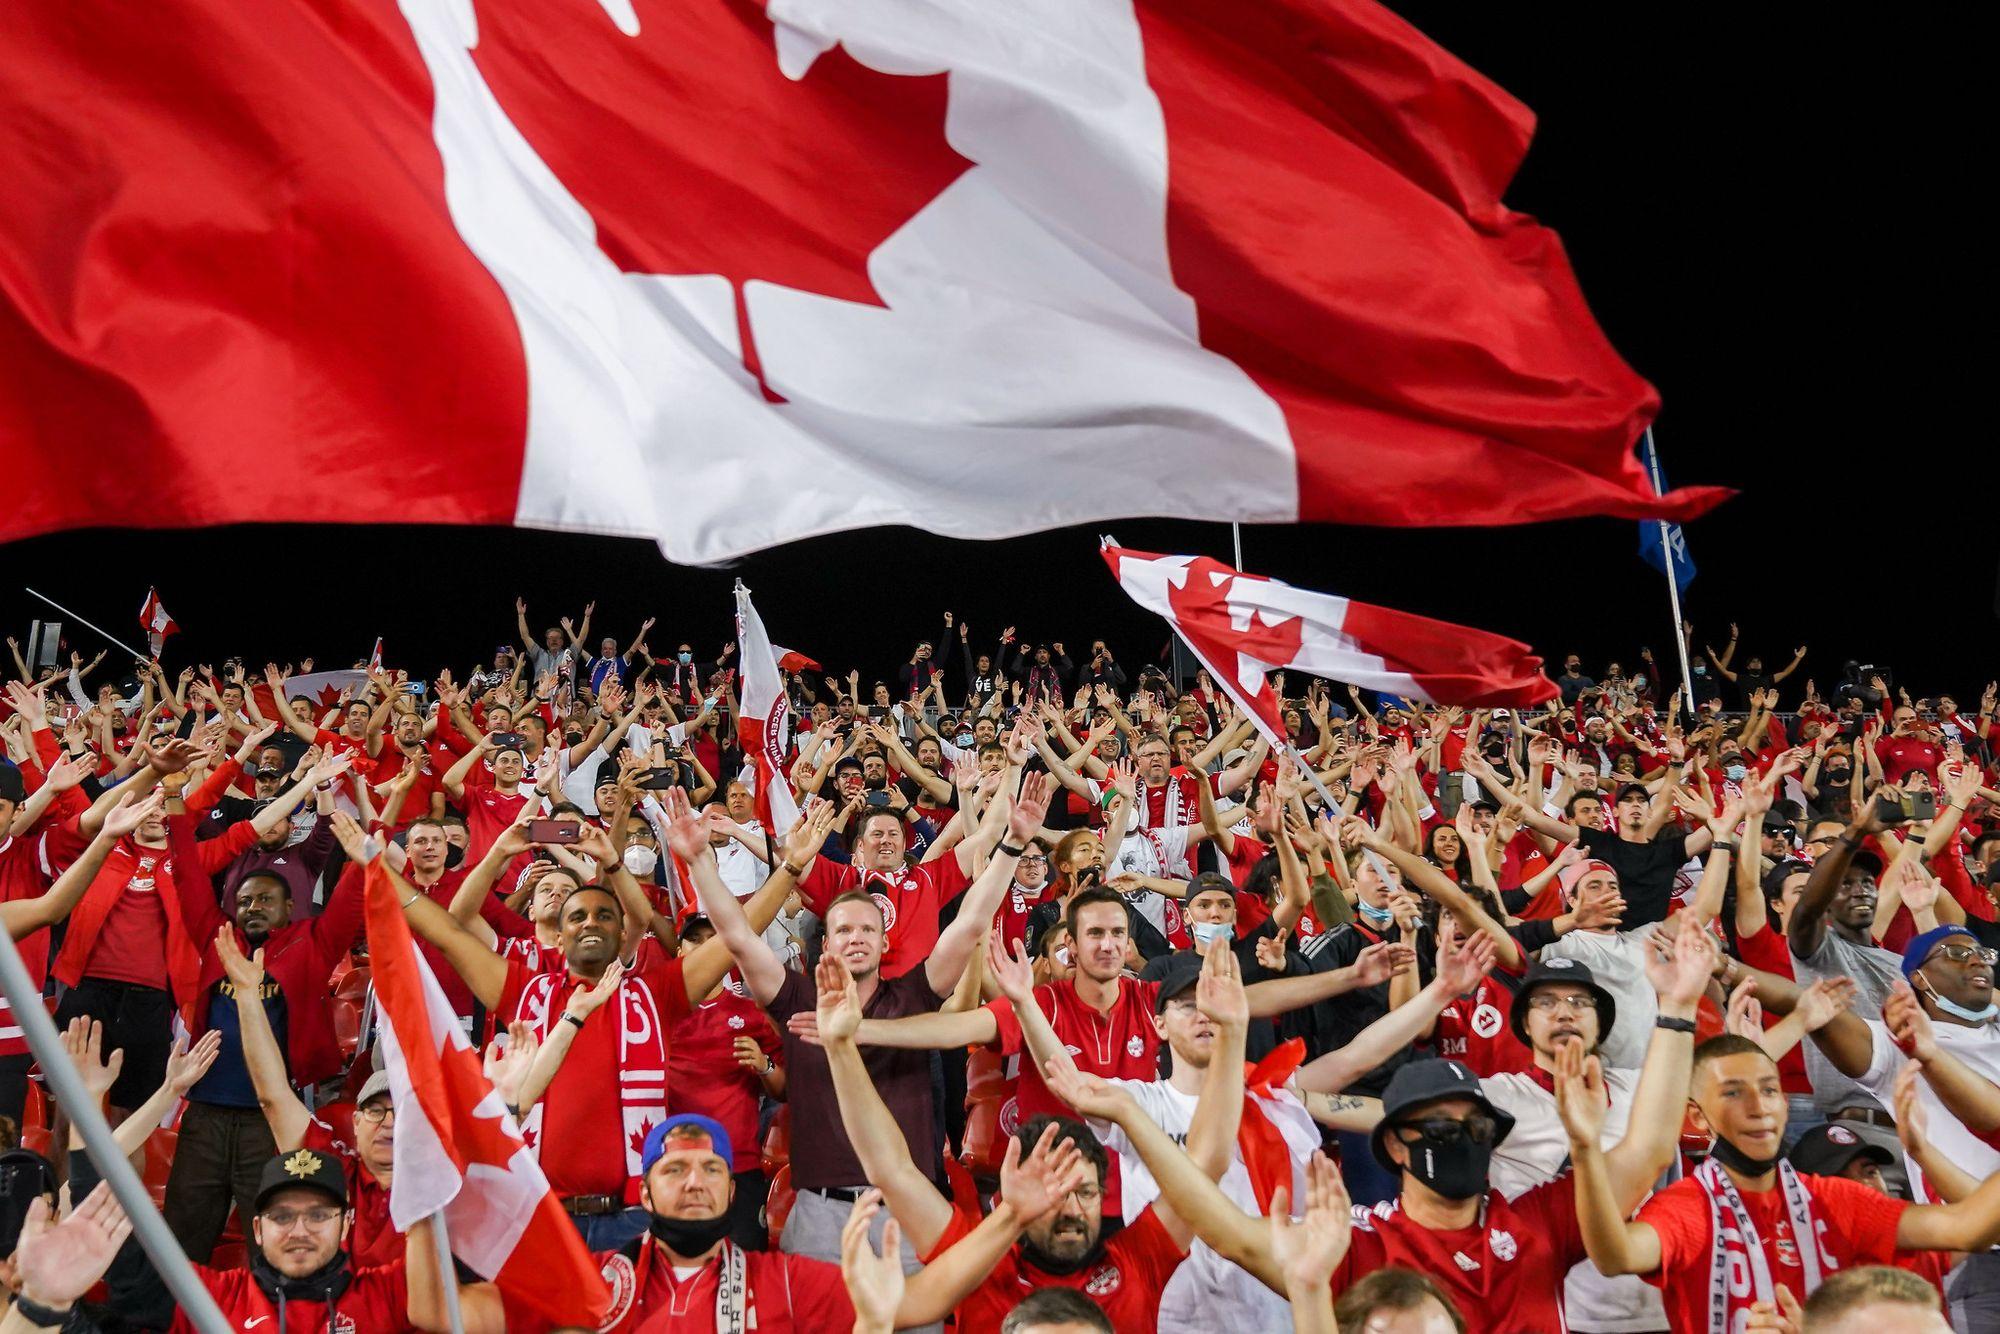 Le Canada remporte une victoire 3:0 face au Salvador en qualification pour la Coupe du Monde de la FIFA, Qatar 2022™